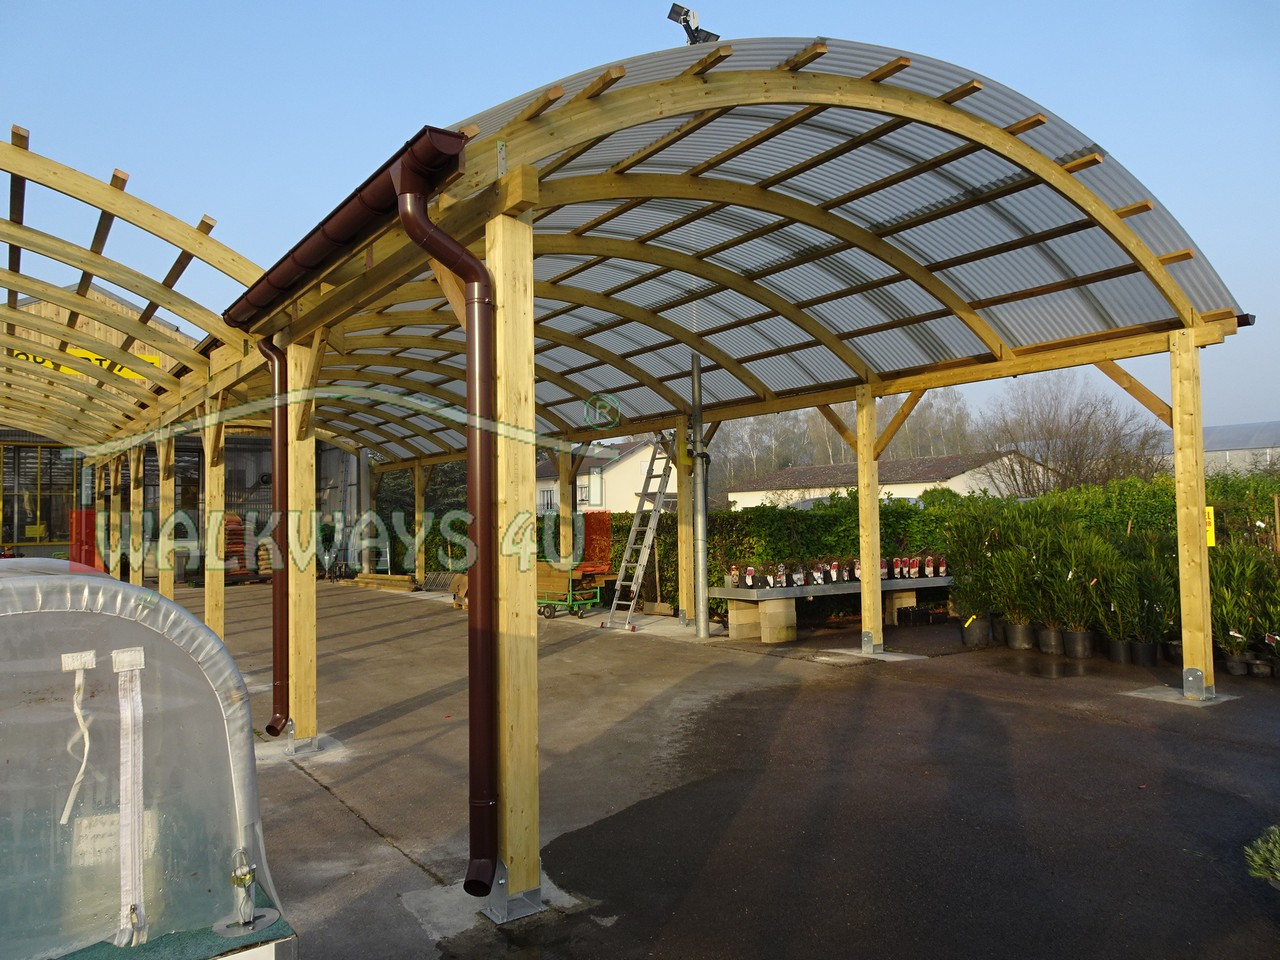 Usługa nr   . Zadaszone hale drewniane, konstrukcje z drewna, łuki klejone, zadaszenia, realizacje wg indywidualnych projektów